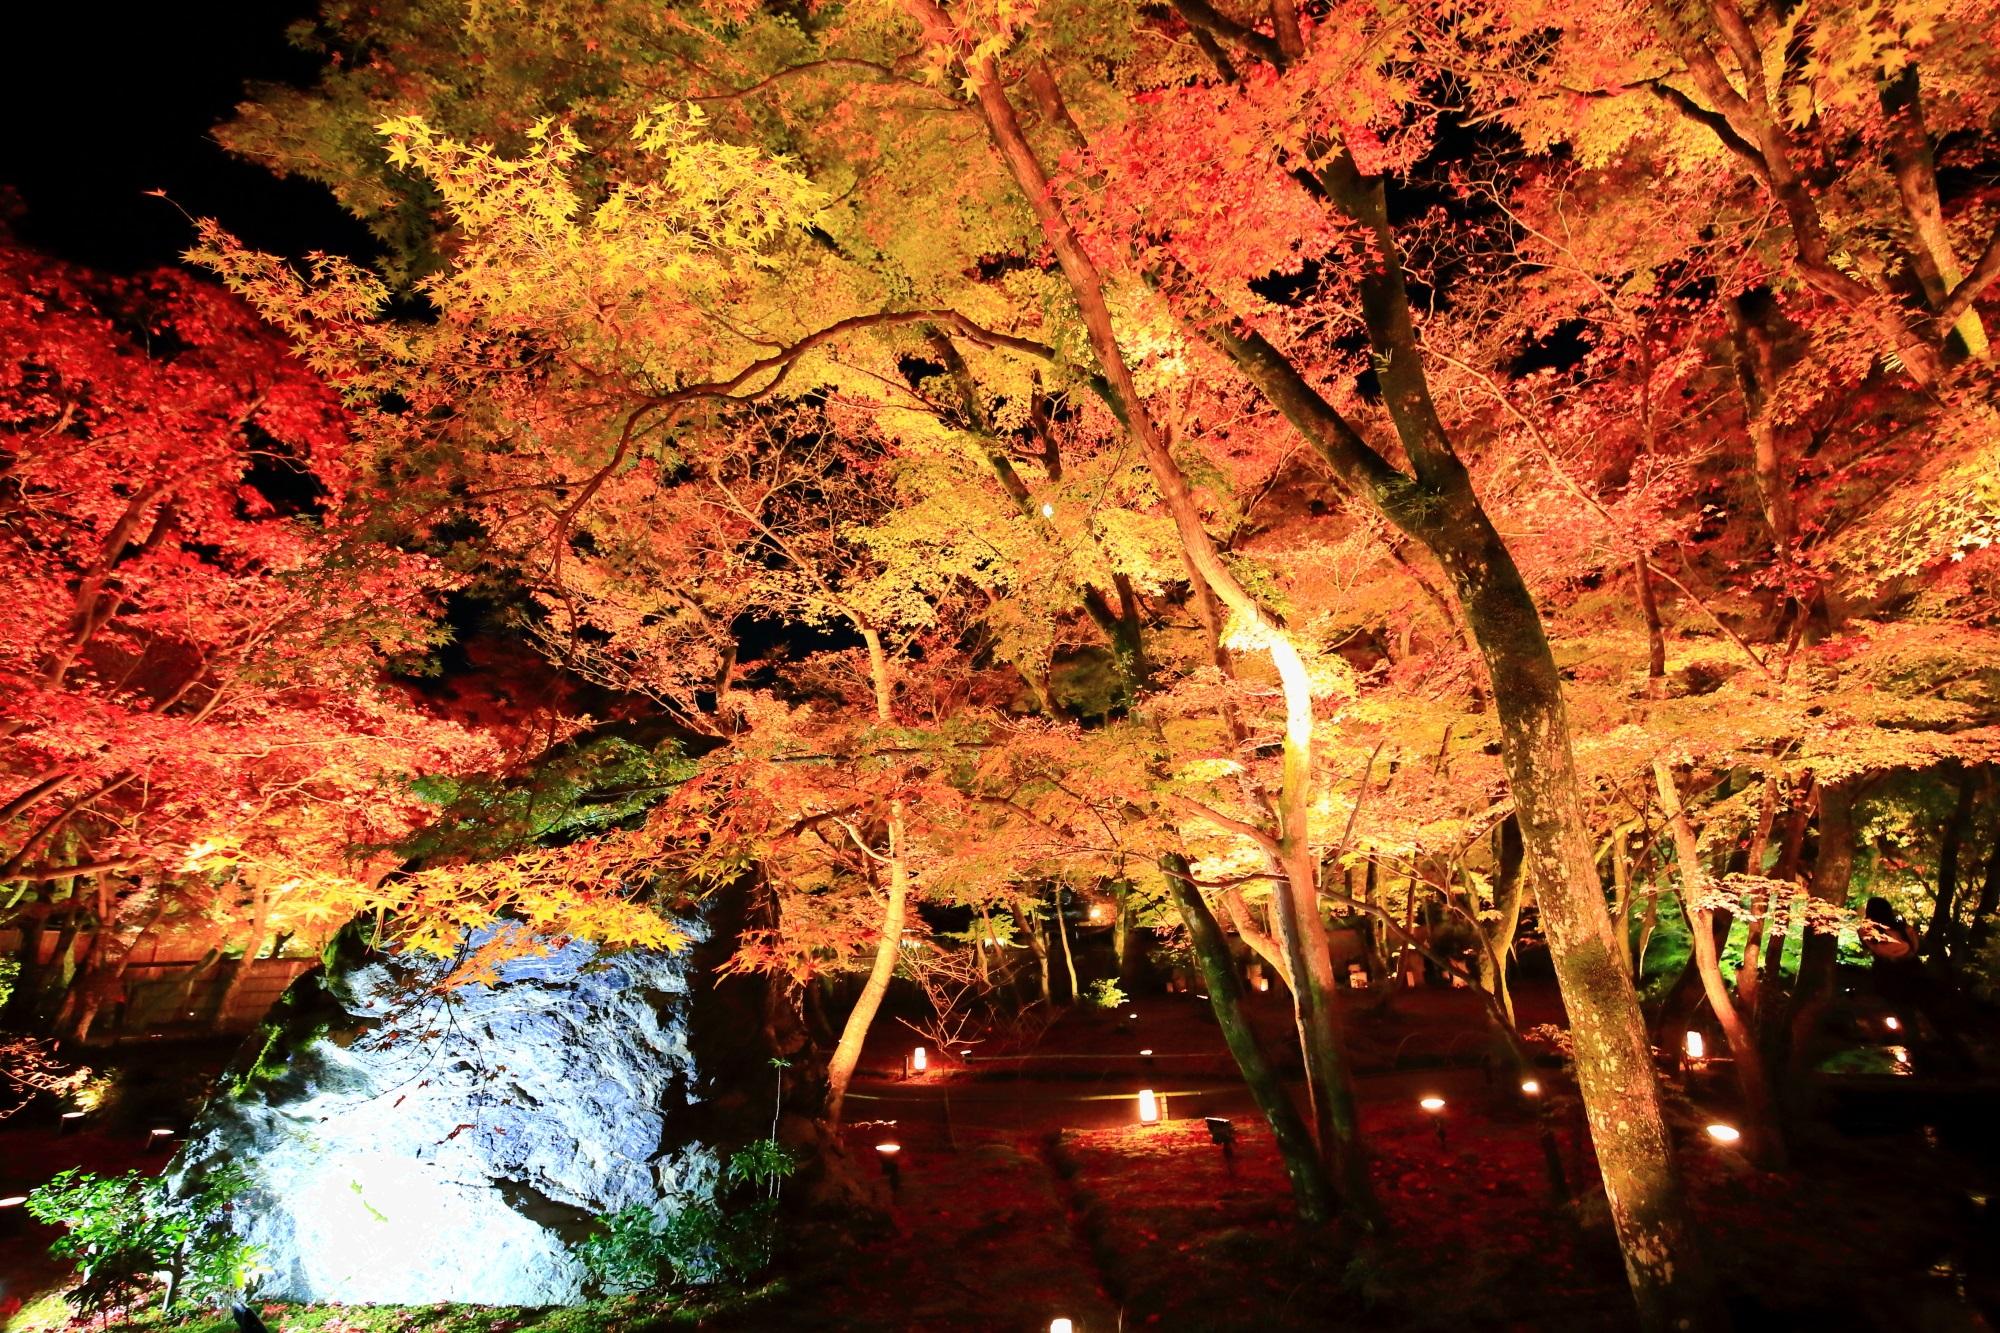 優美なライトアップされた紅葉につつまれた嵐山宝厳院の獅子岩